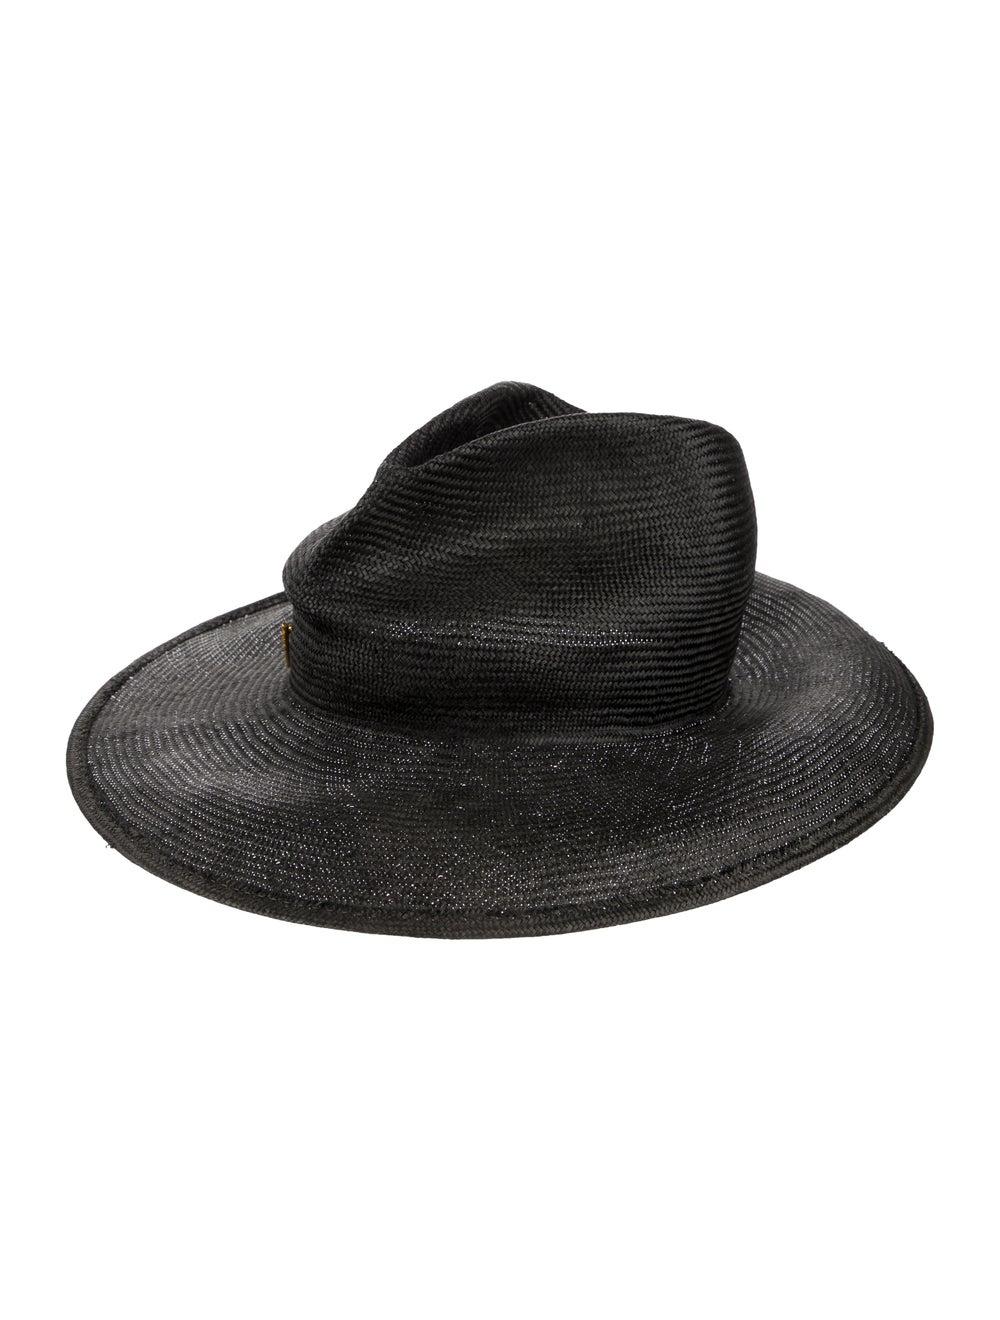 Janessa Leone Straw Wide Brimmed Hat black - image 1